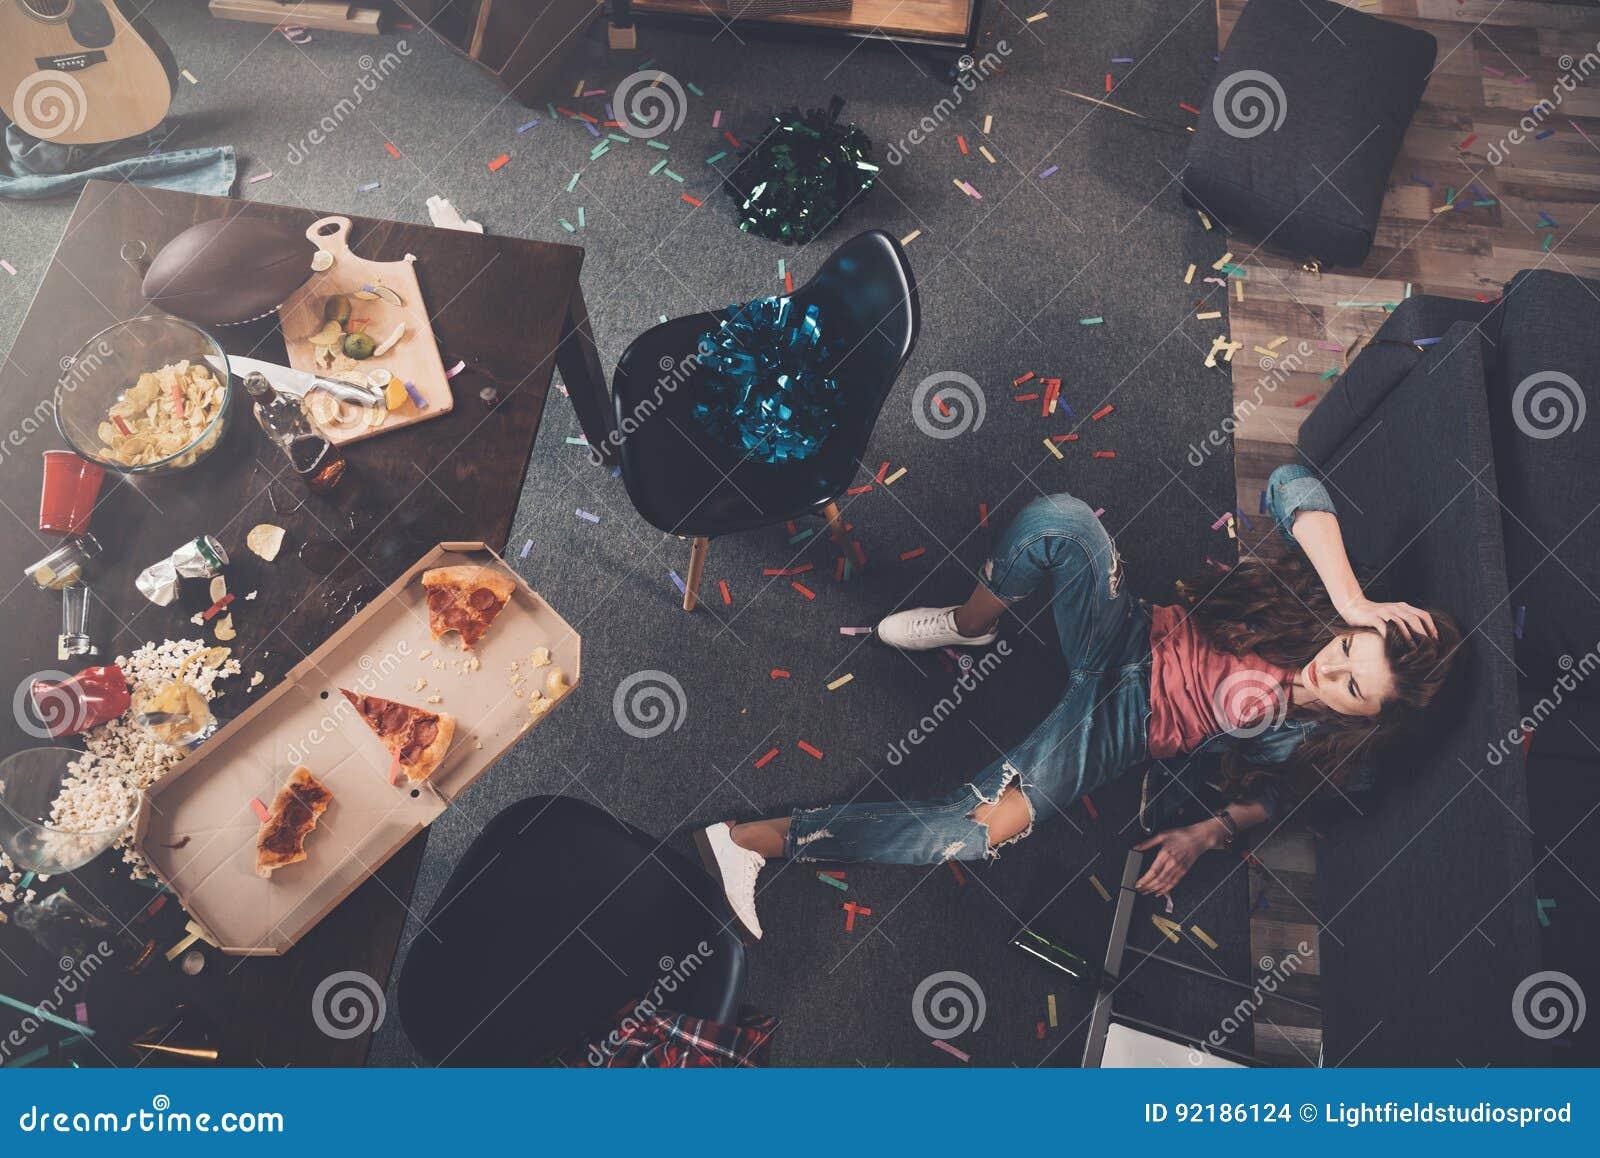 Jonge gedronken vrouw die op vloer in slordige ruimte liggen